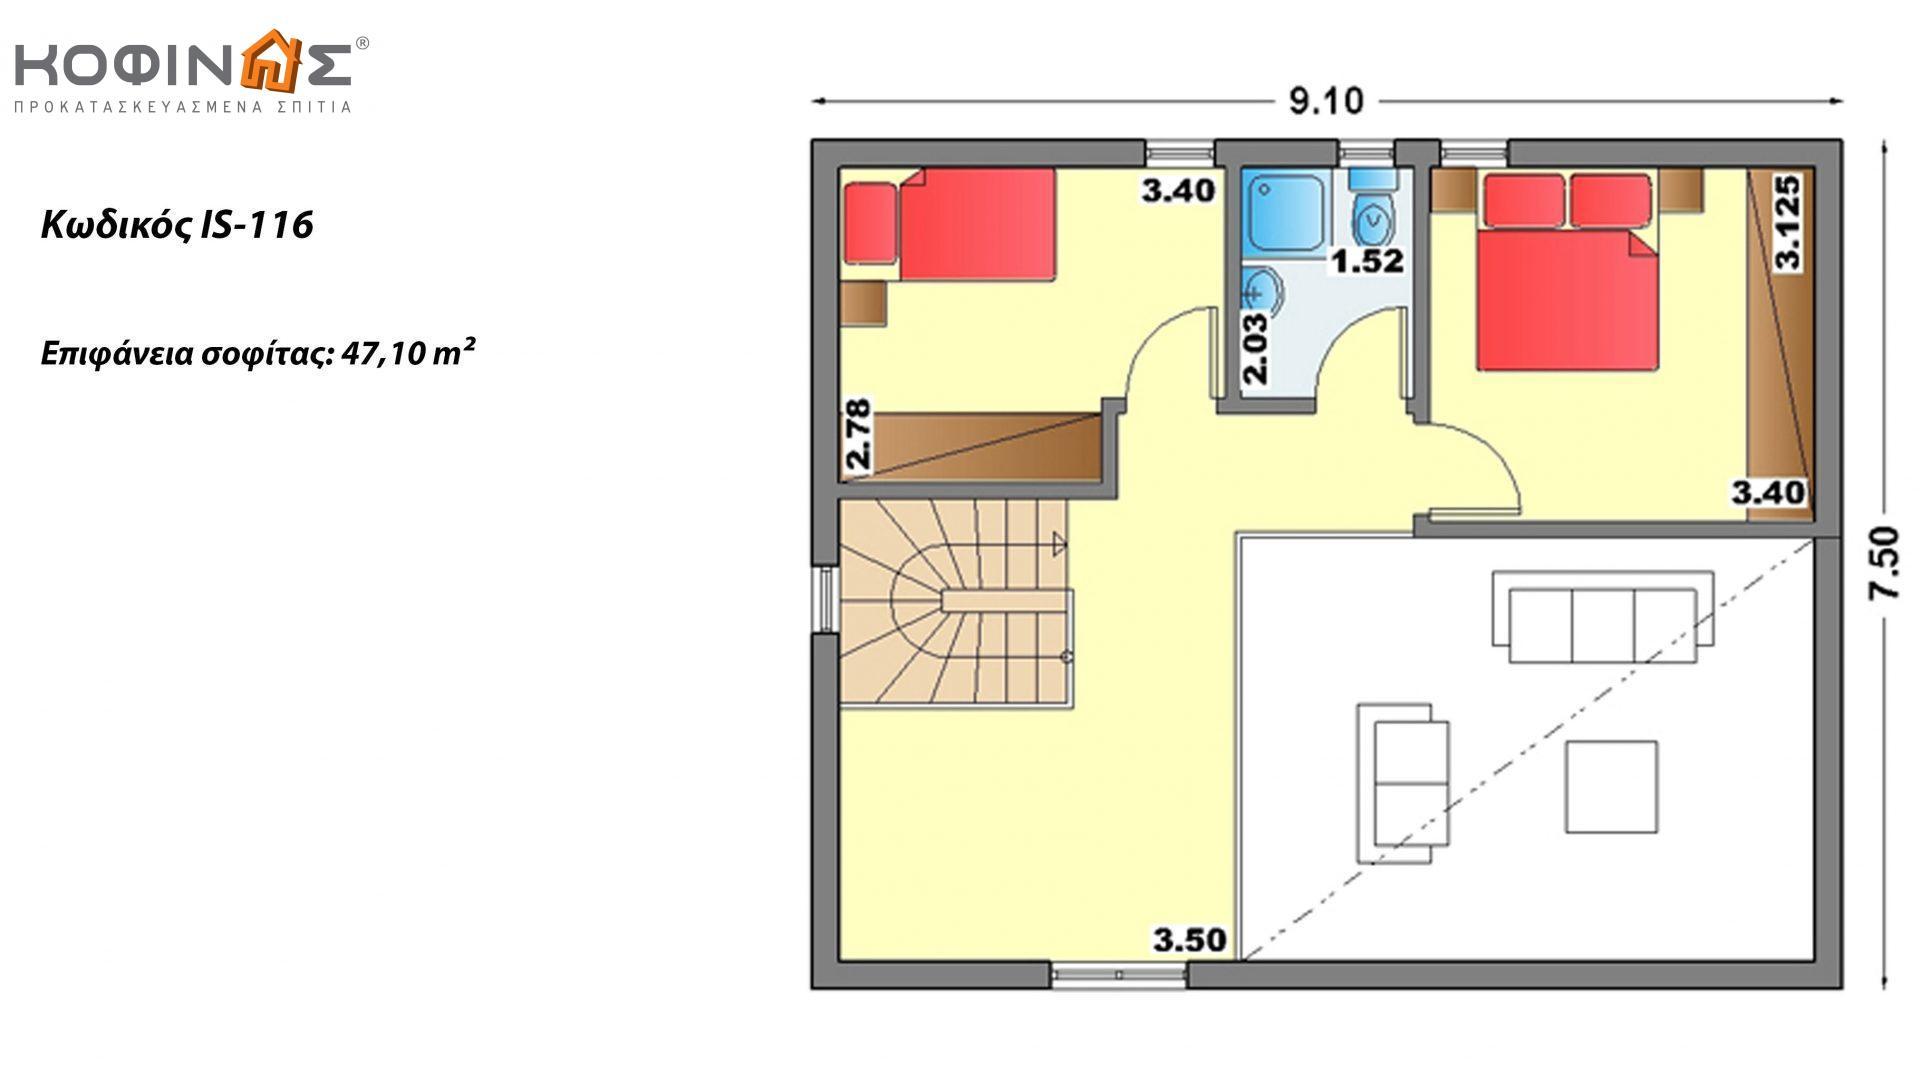 Ισόγεια Κατοικία με Σοφίτα IS-116, συνολικής επιφάνειας 116,90 τ.μ. ,συνολική επιφάνεια στεγασμένων χώρων 26,70 τ.μ.